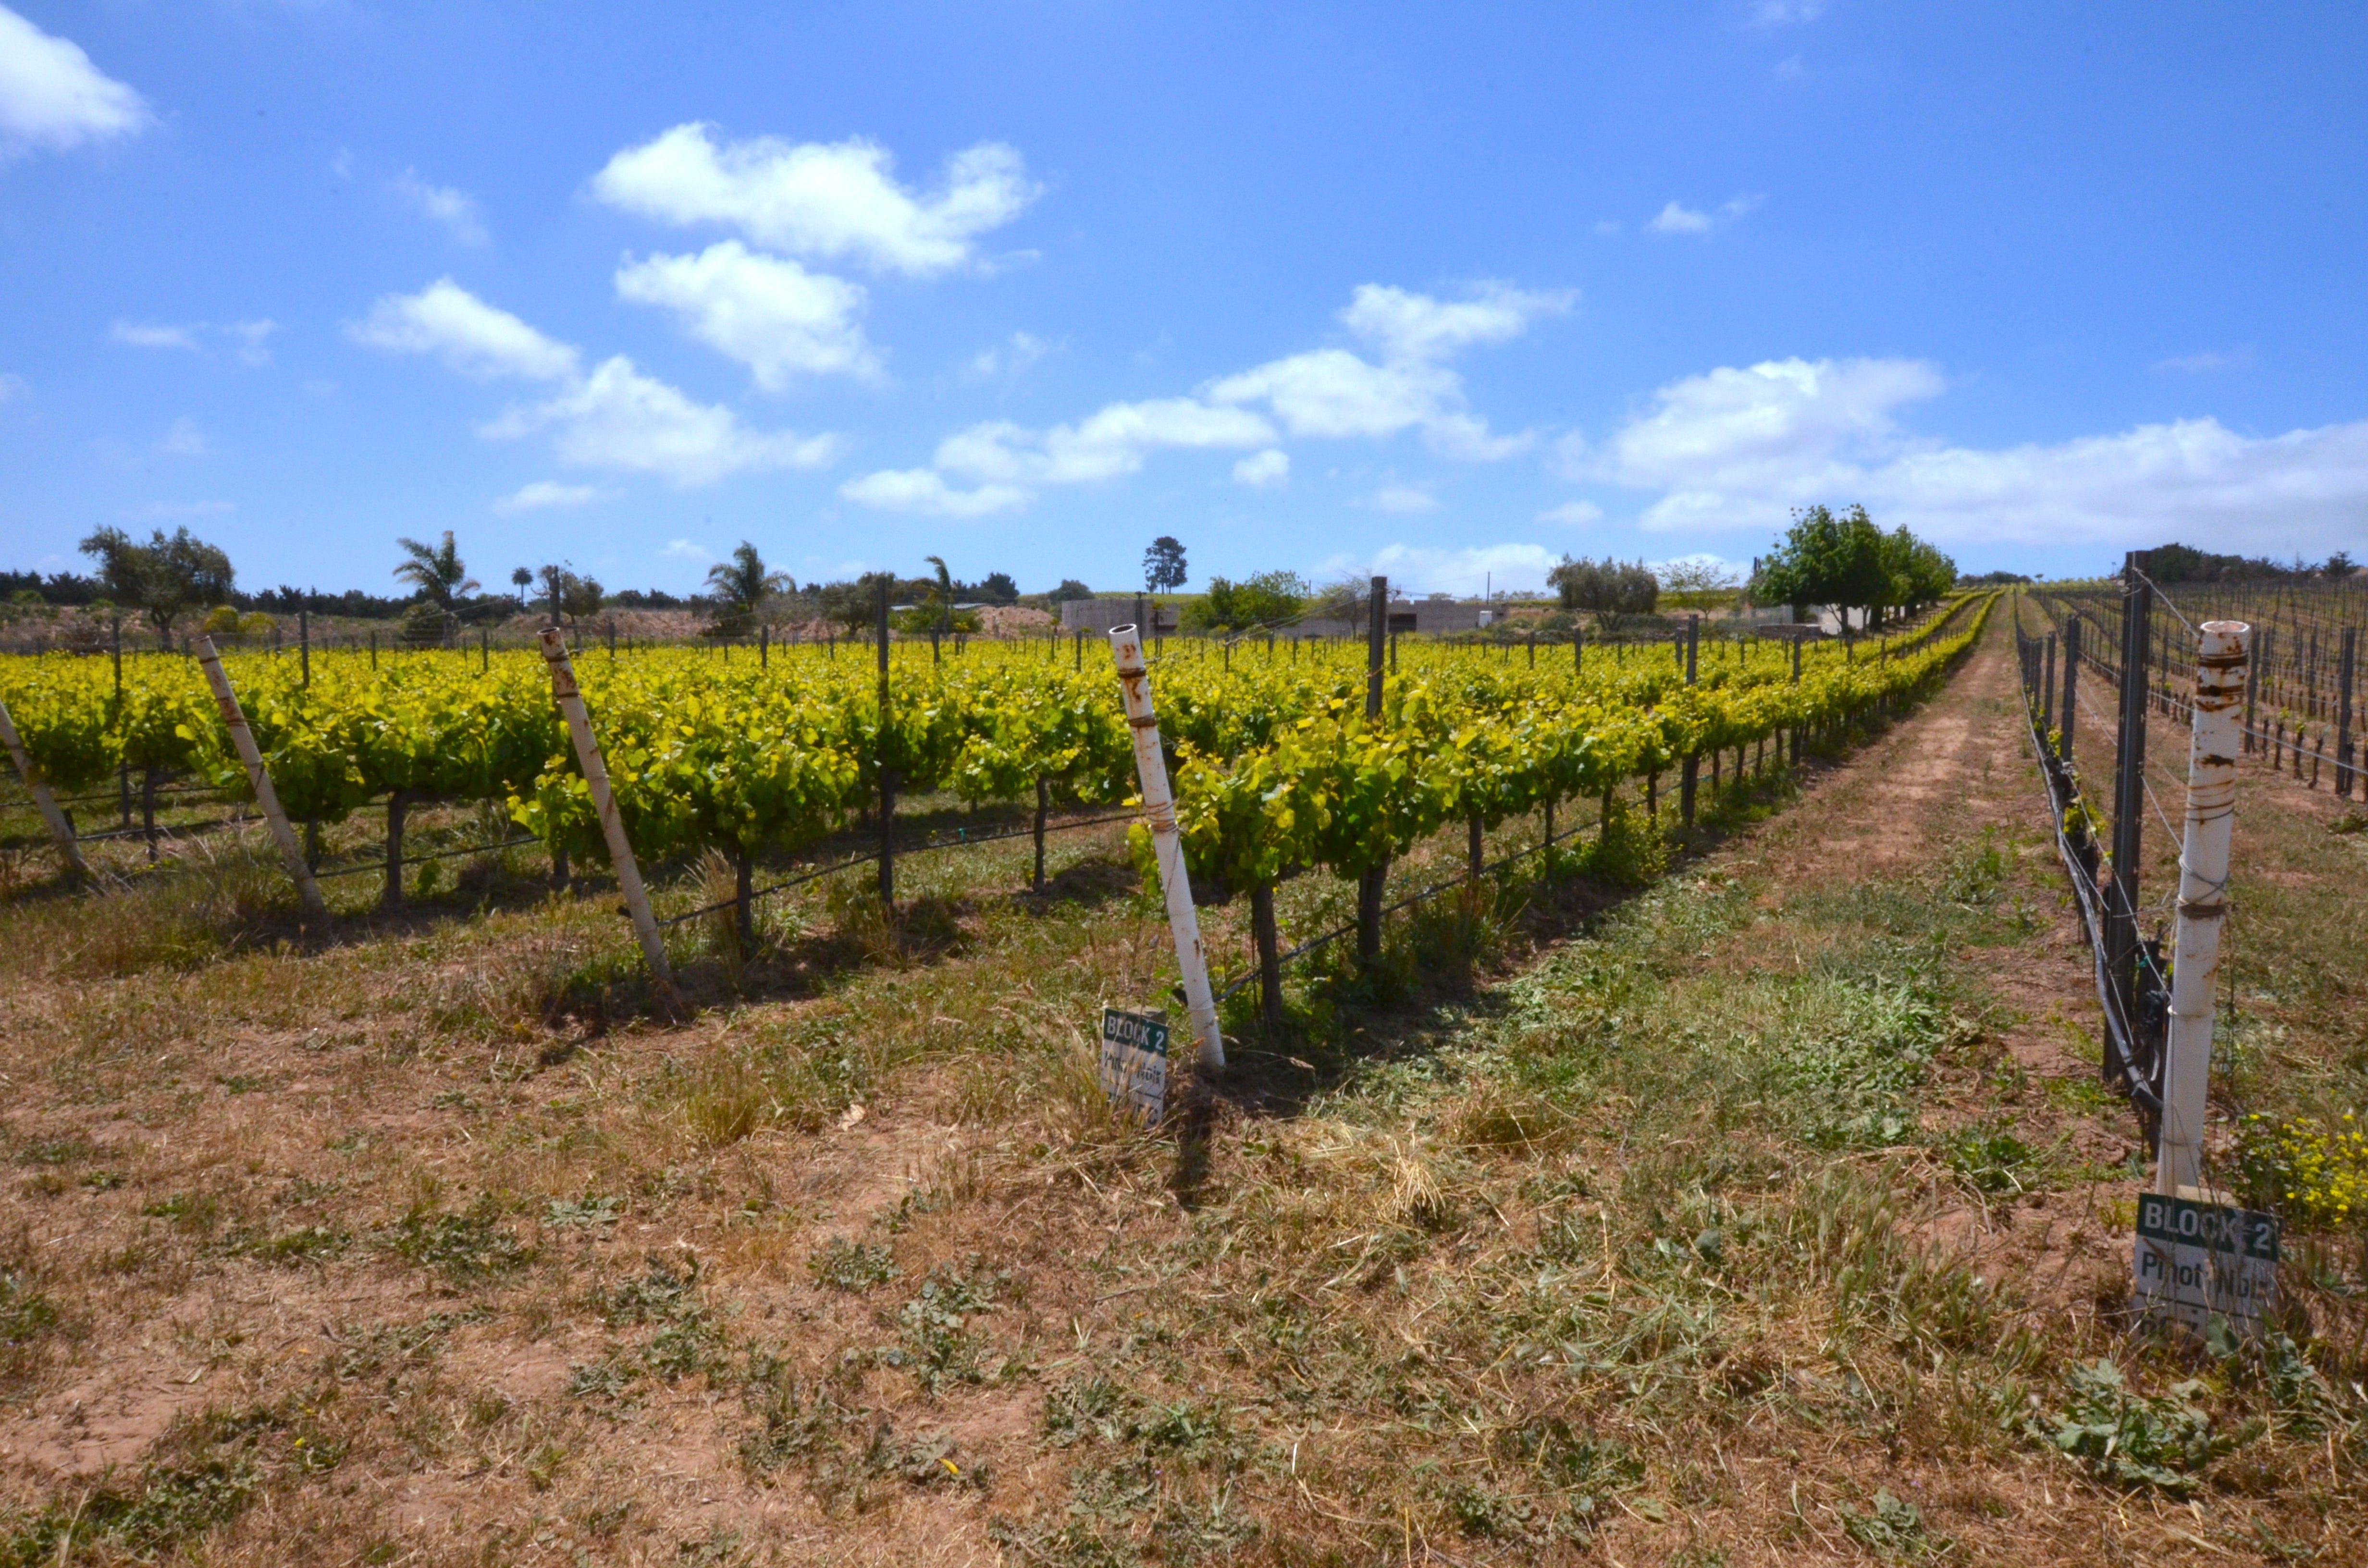 Rows of pinot noir grapes grow at Ca' Del Grevino's vineyard, owned by Randeep Grewal, near Santa Maria.